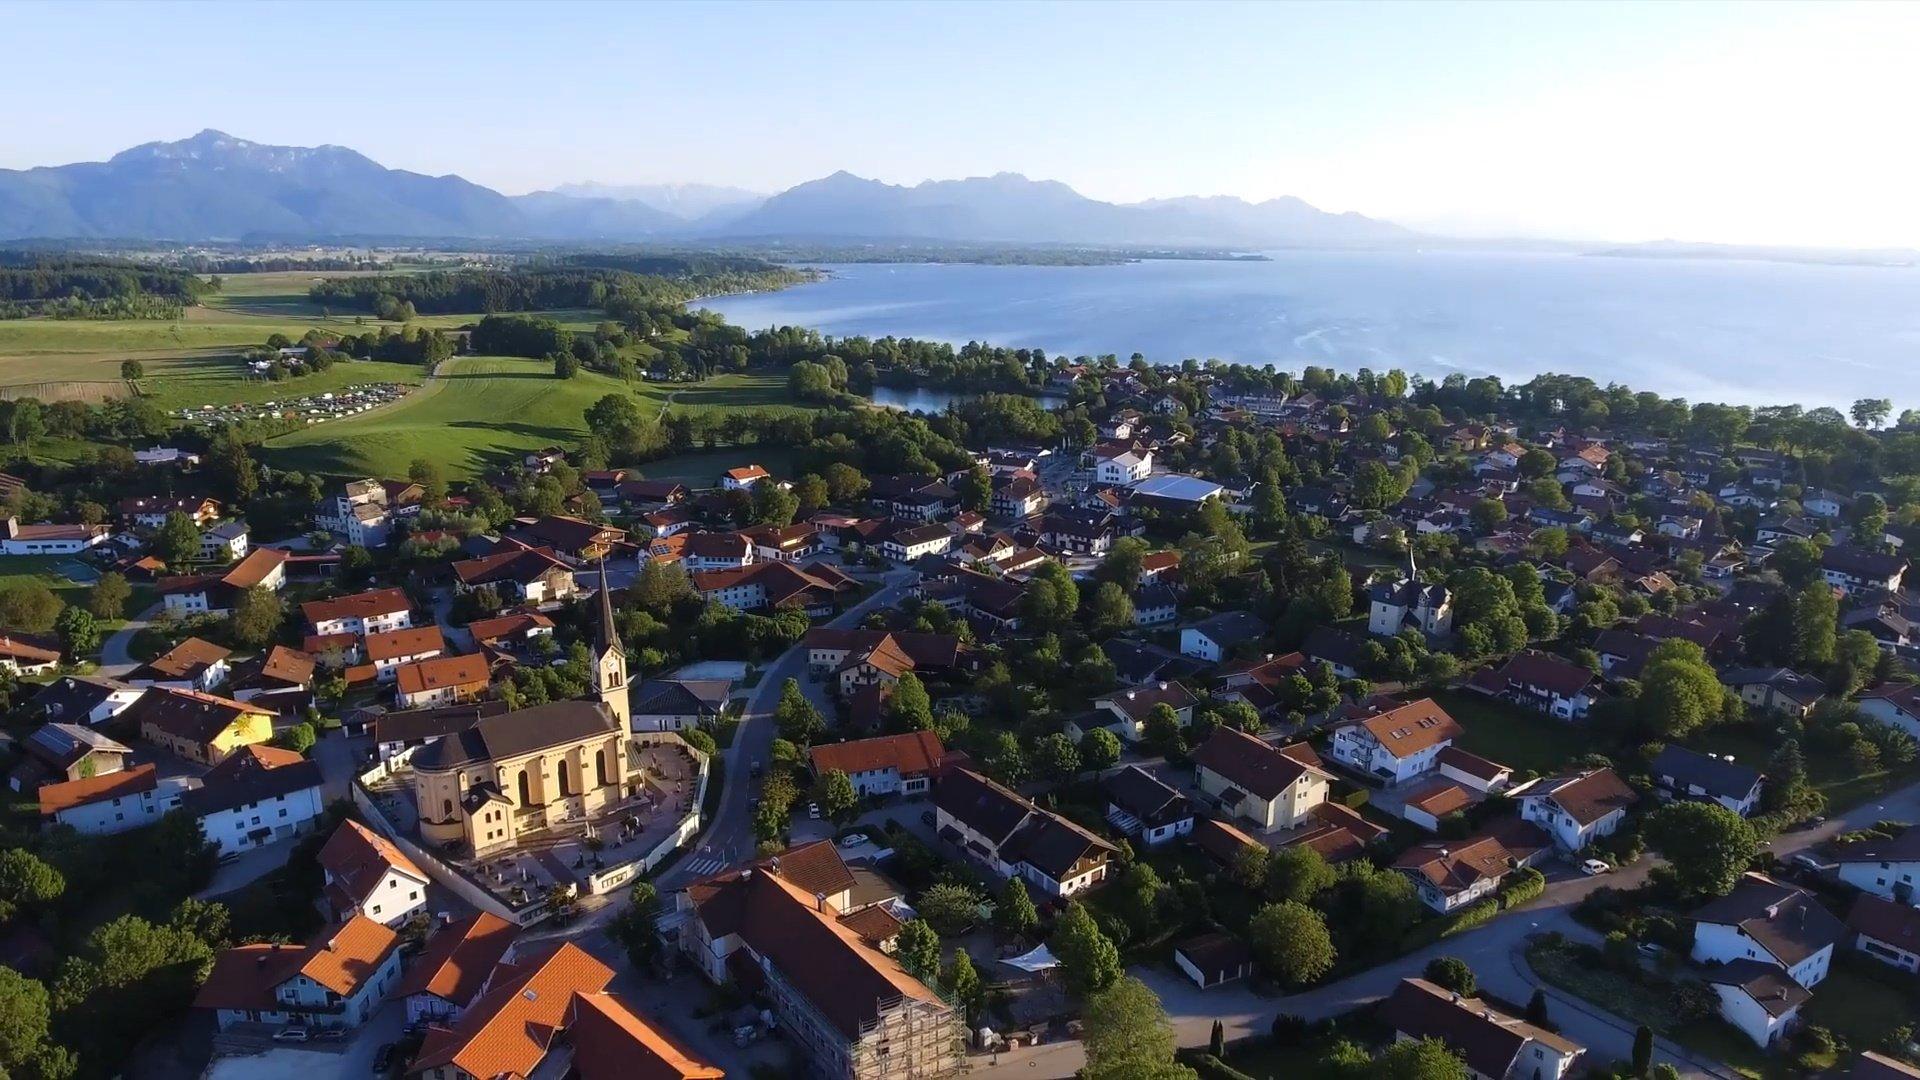 Chieming Chiemsee-Chiemgau Drohnenaufnahme